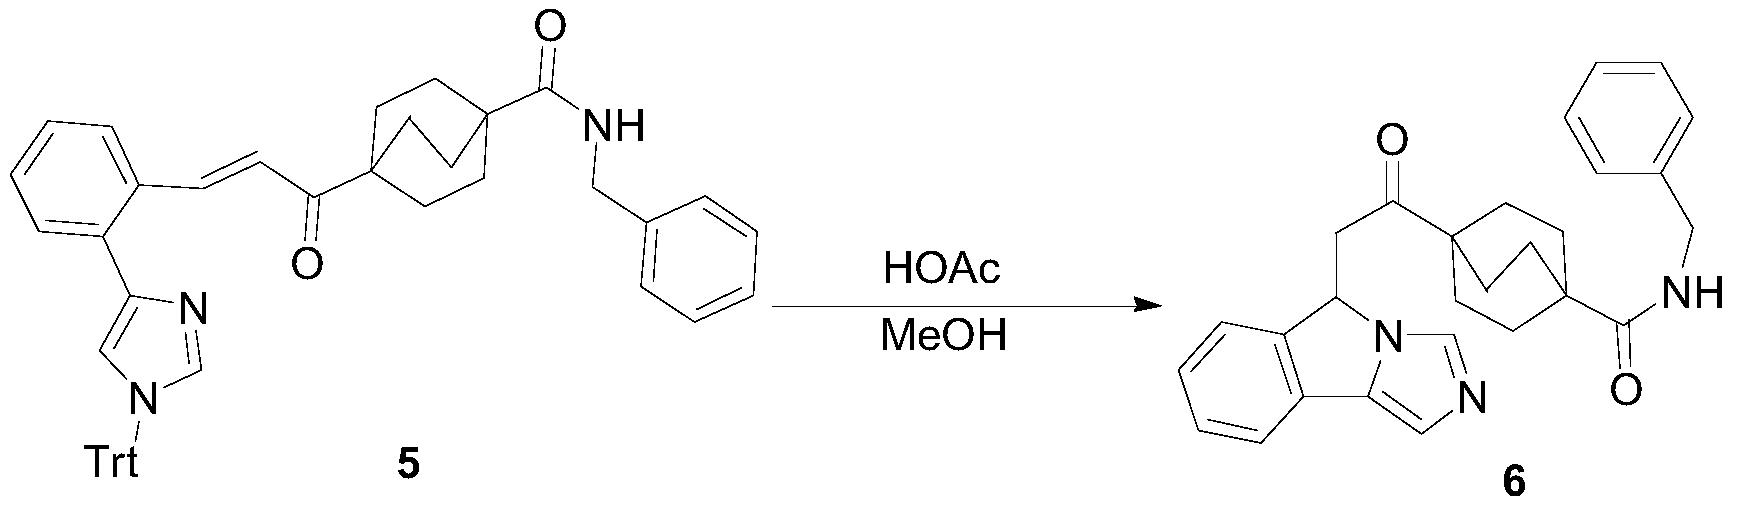 Figure PCTCN2017084604-appb-000277